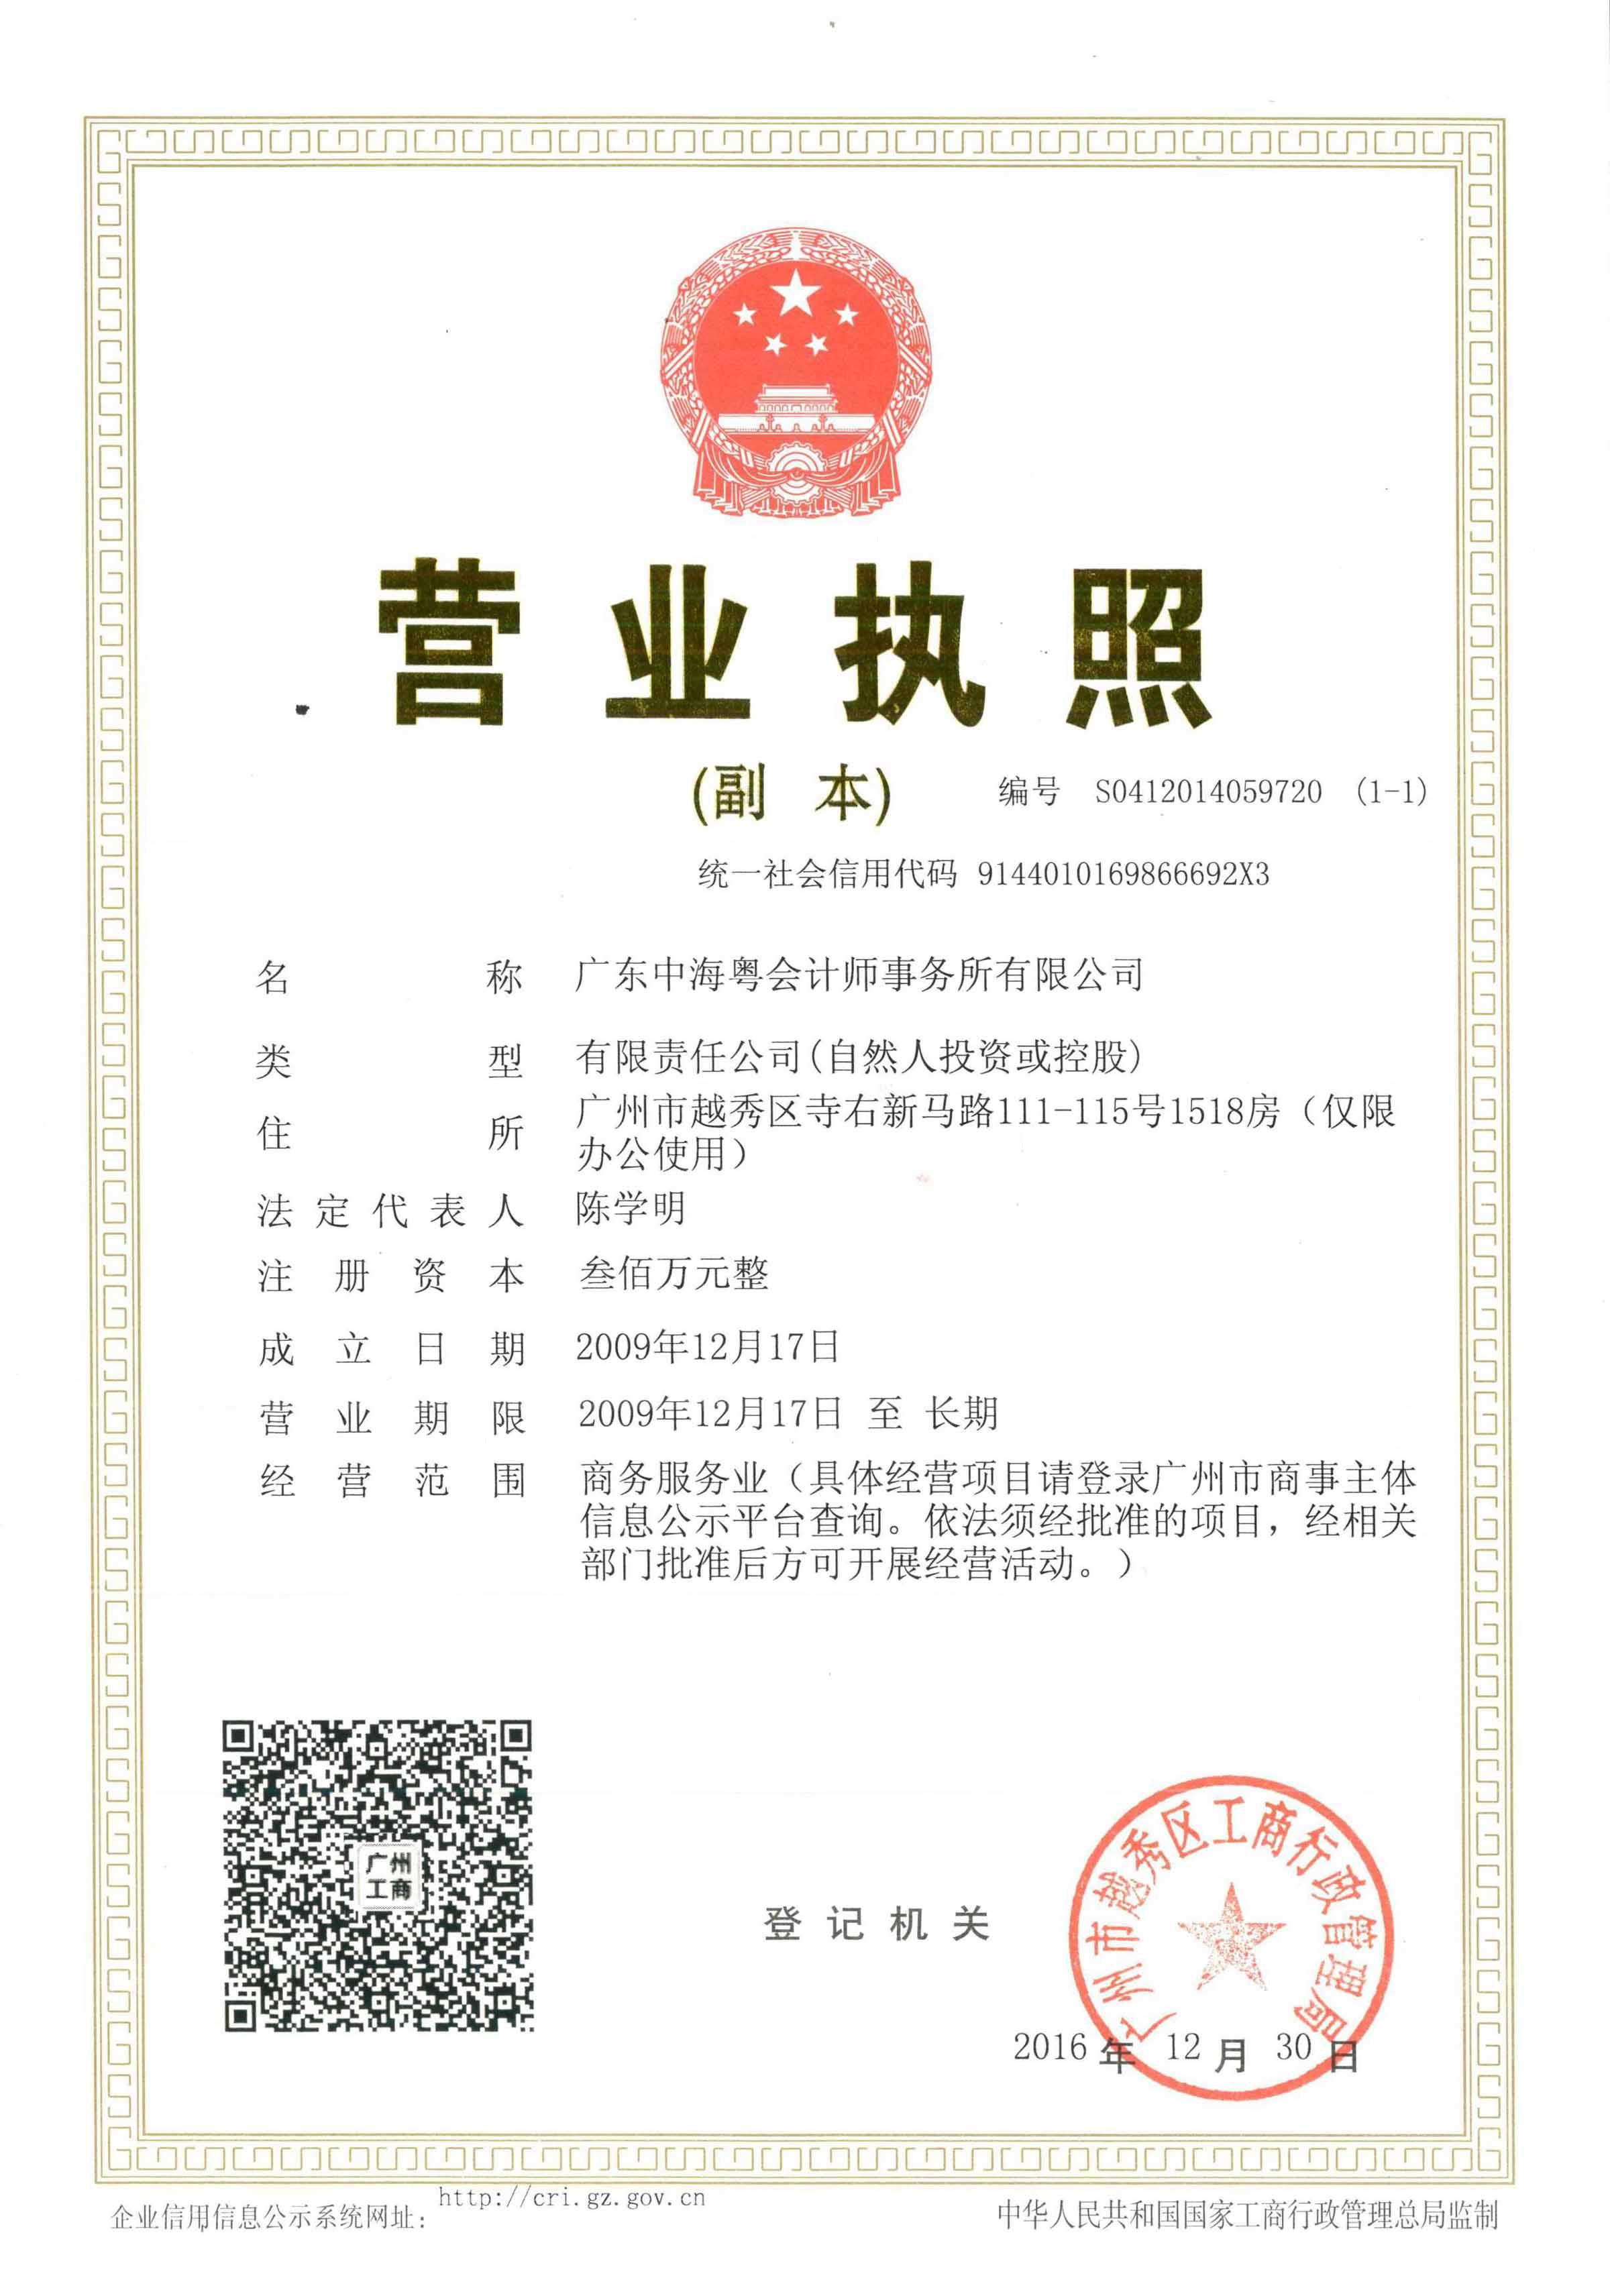 中海粤会计所营业执照